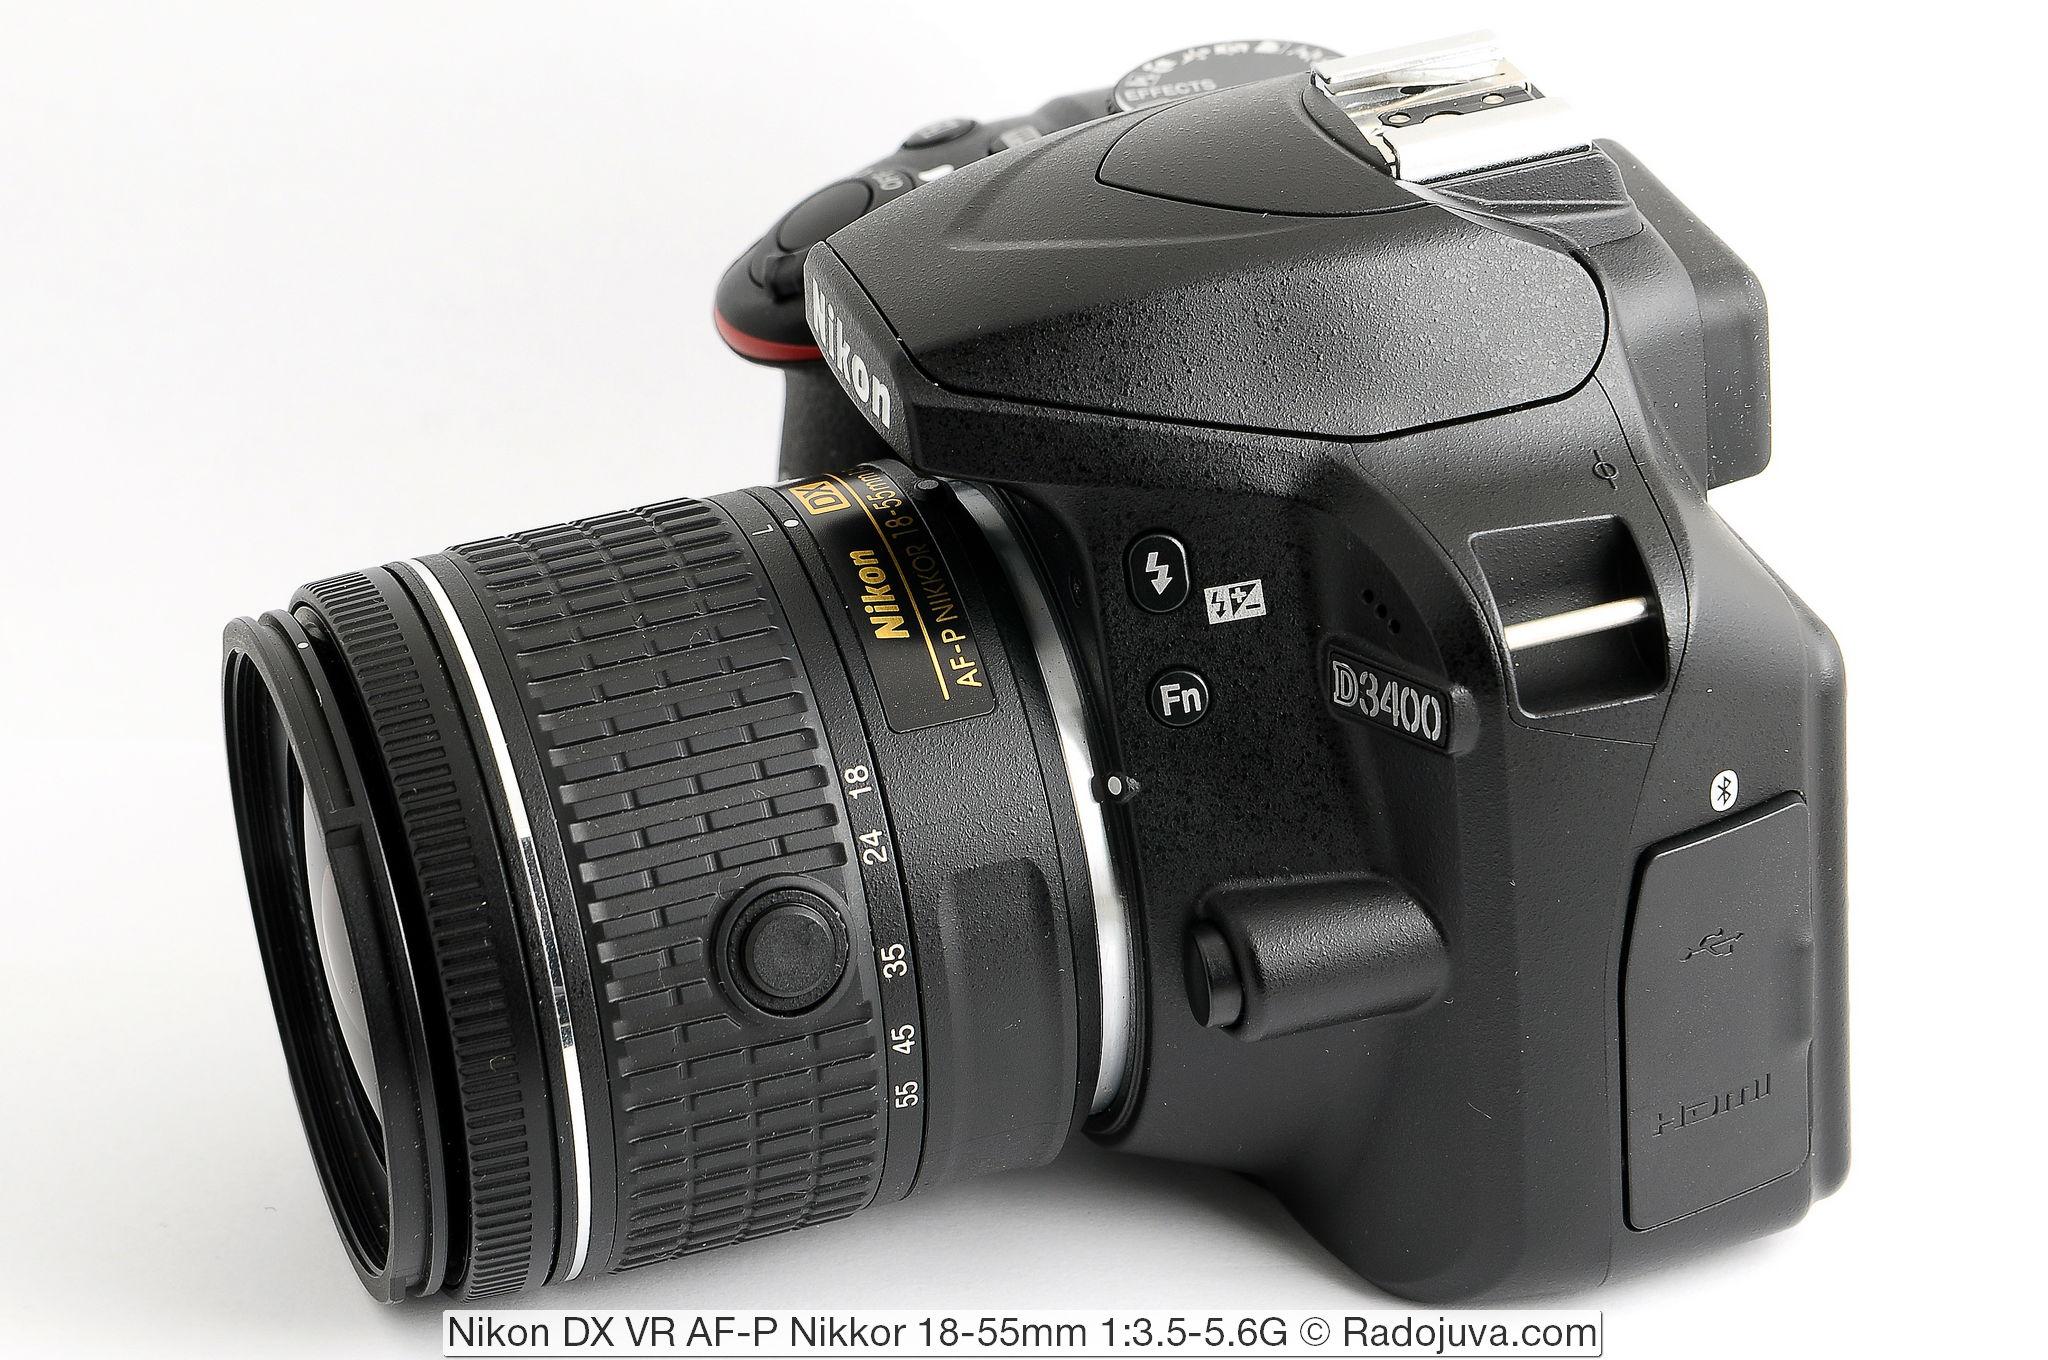 Nikon DX VR AF-P Nikkor 18-55mm 1:3.5-5.6G и фотоаппарат Nikon D3400